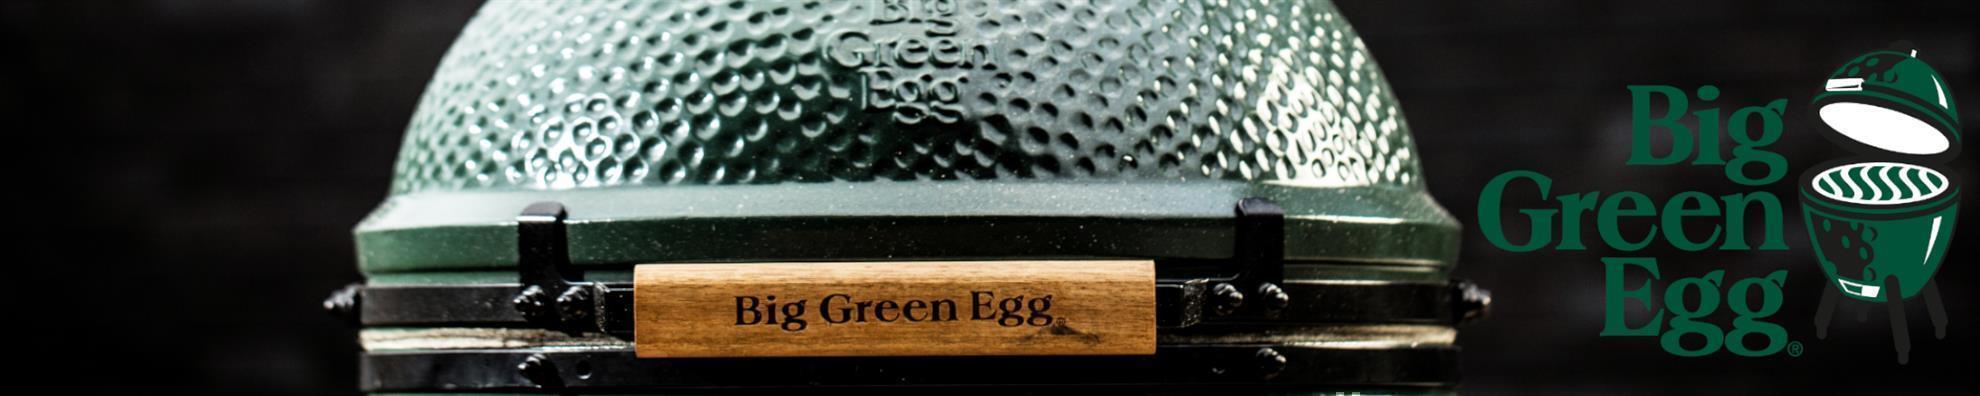 Big Green Egg - Halbrunder Back-Stein XL